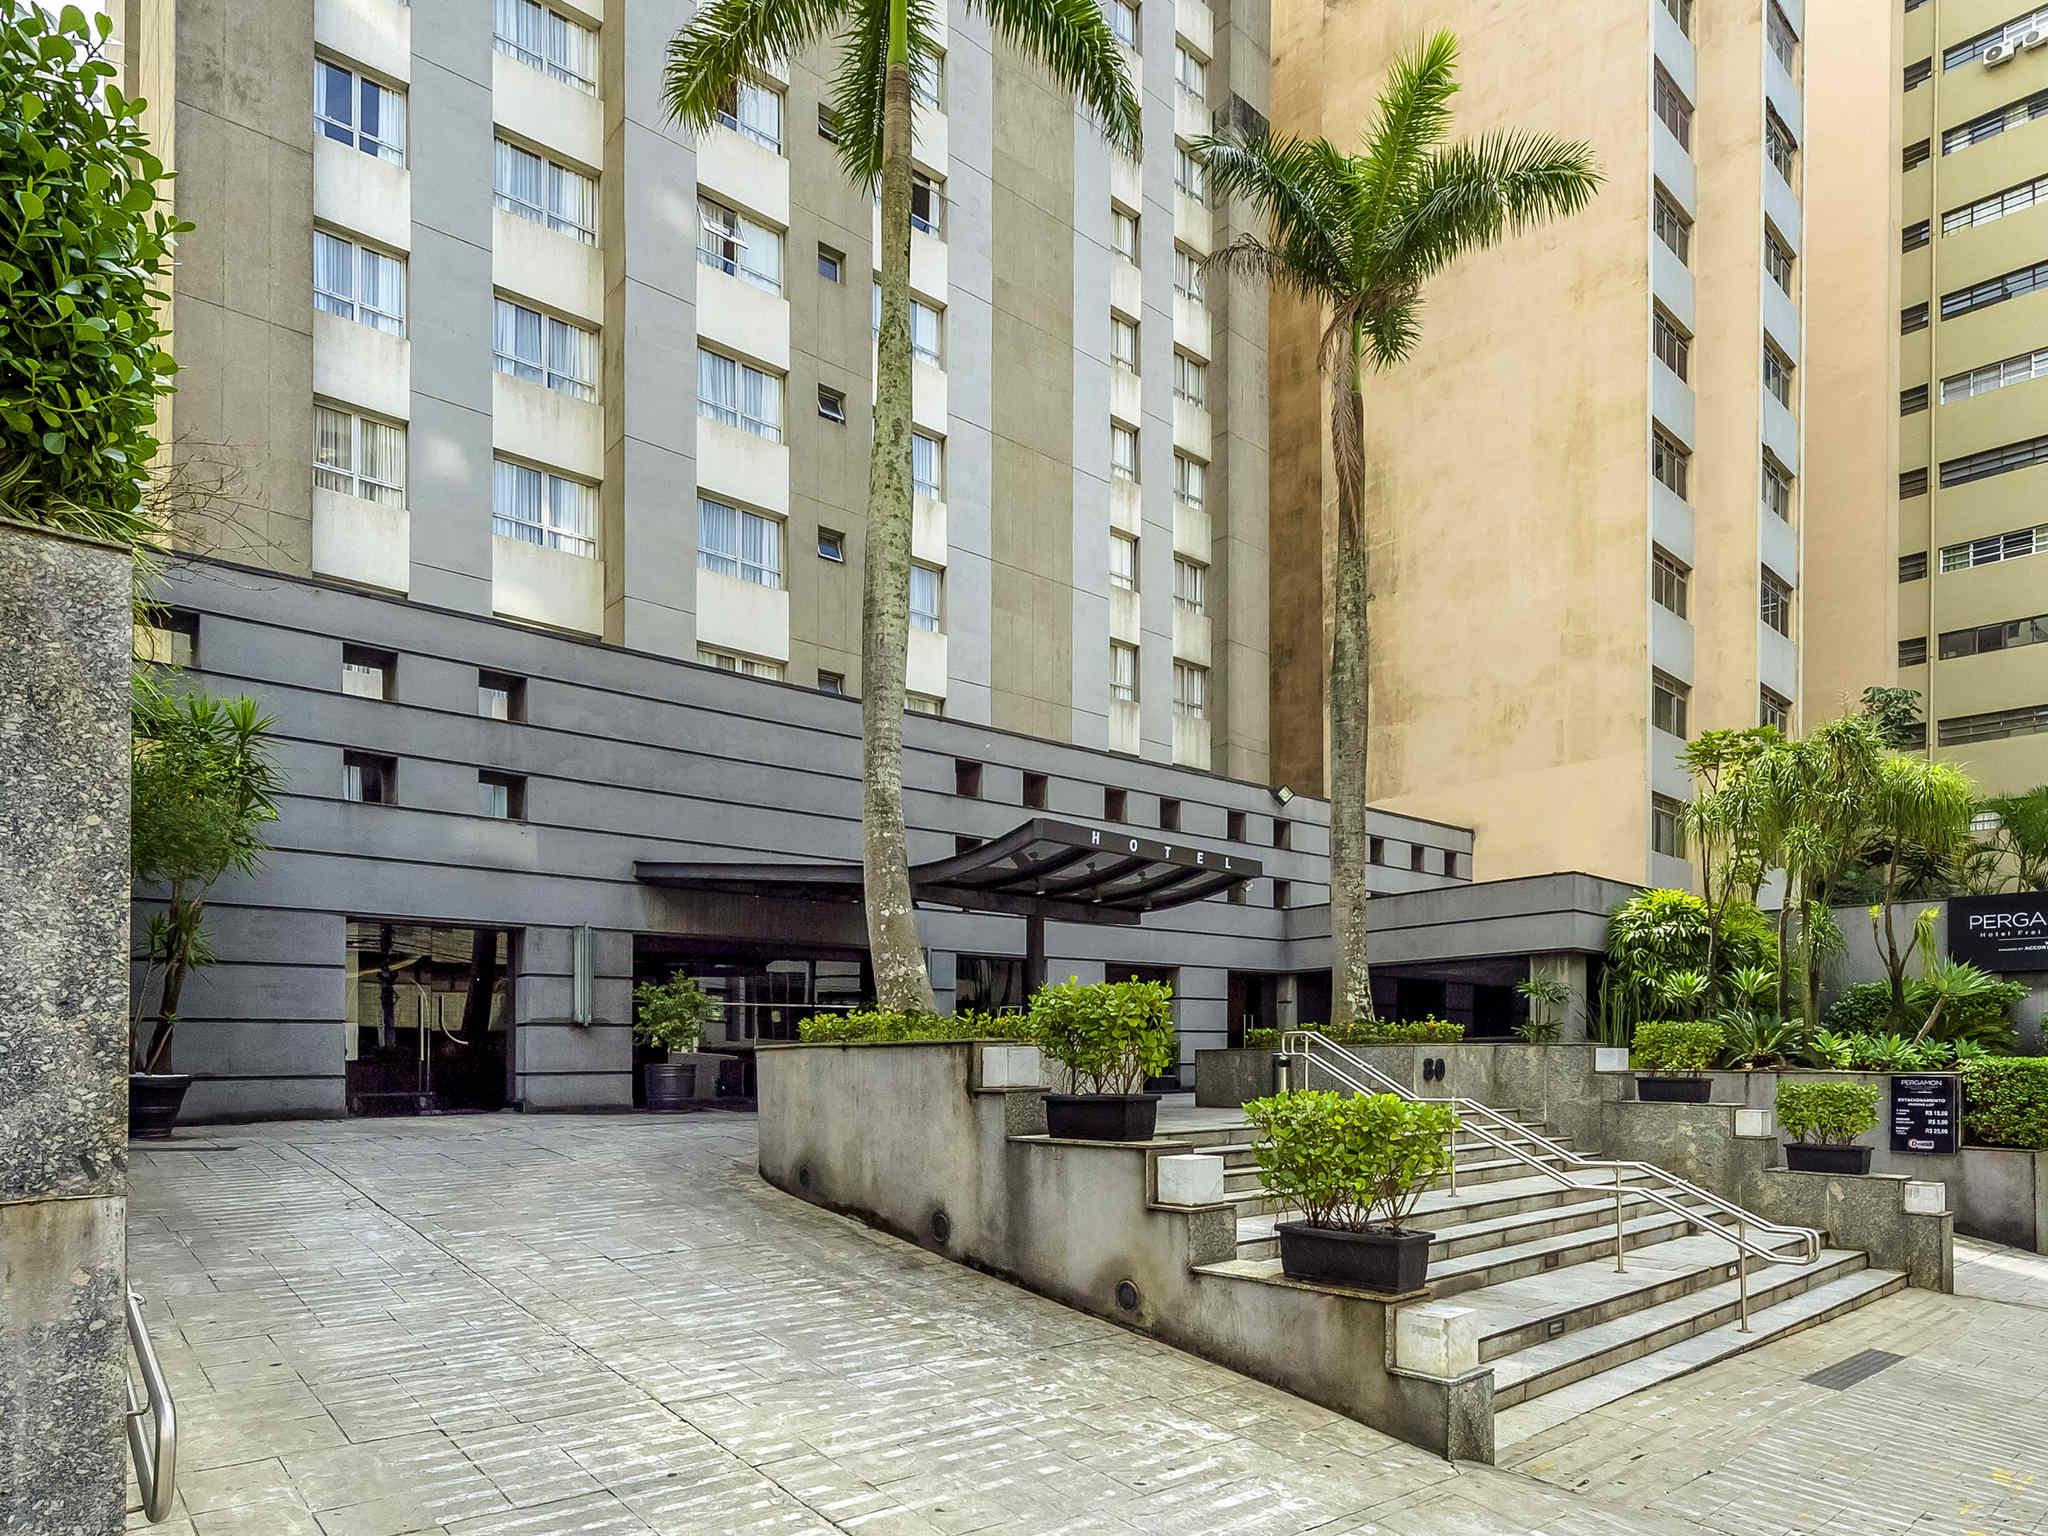 Hotel – Pergamon Hotel Frei Caneca - gestito da AccorHotels